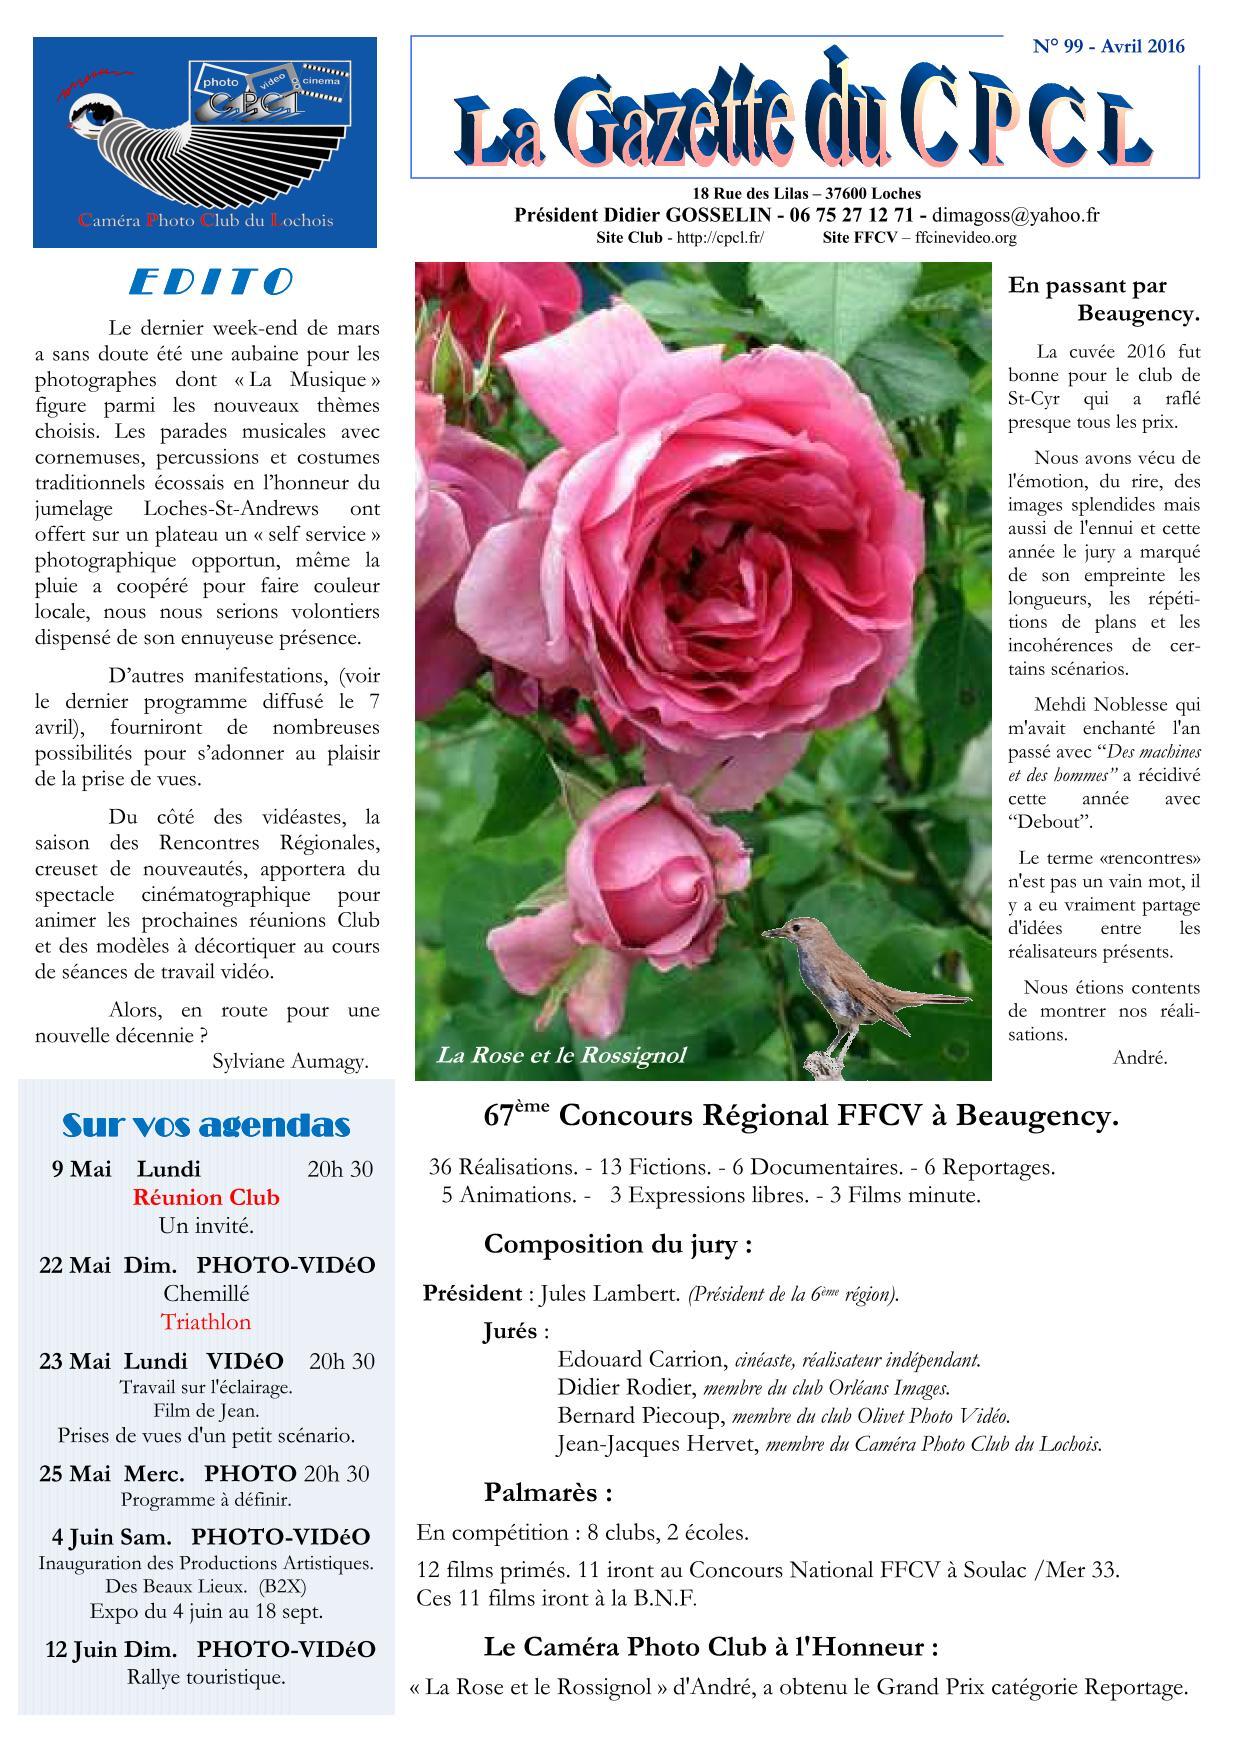 gazette_99